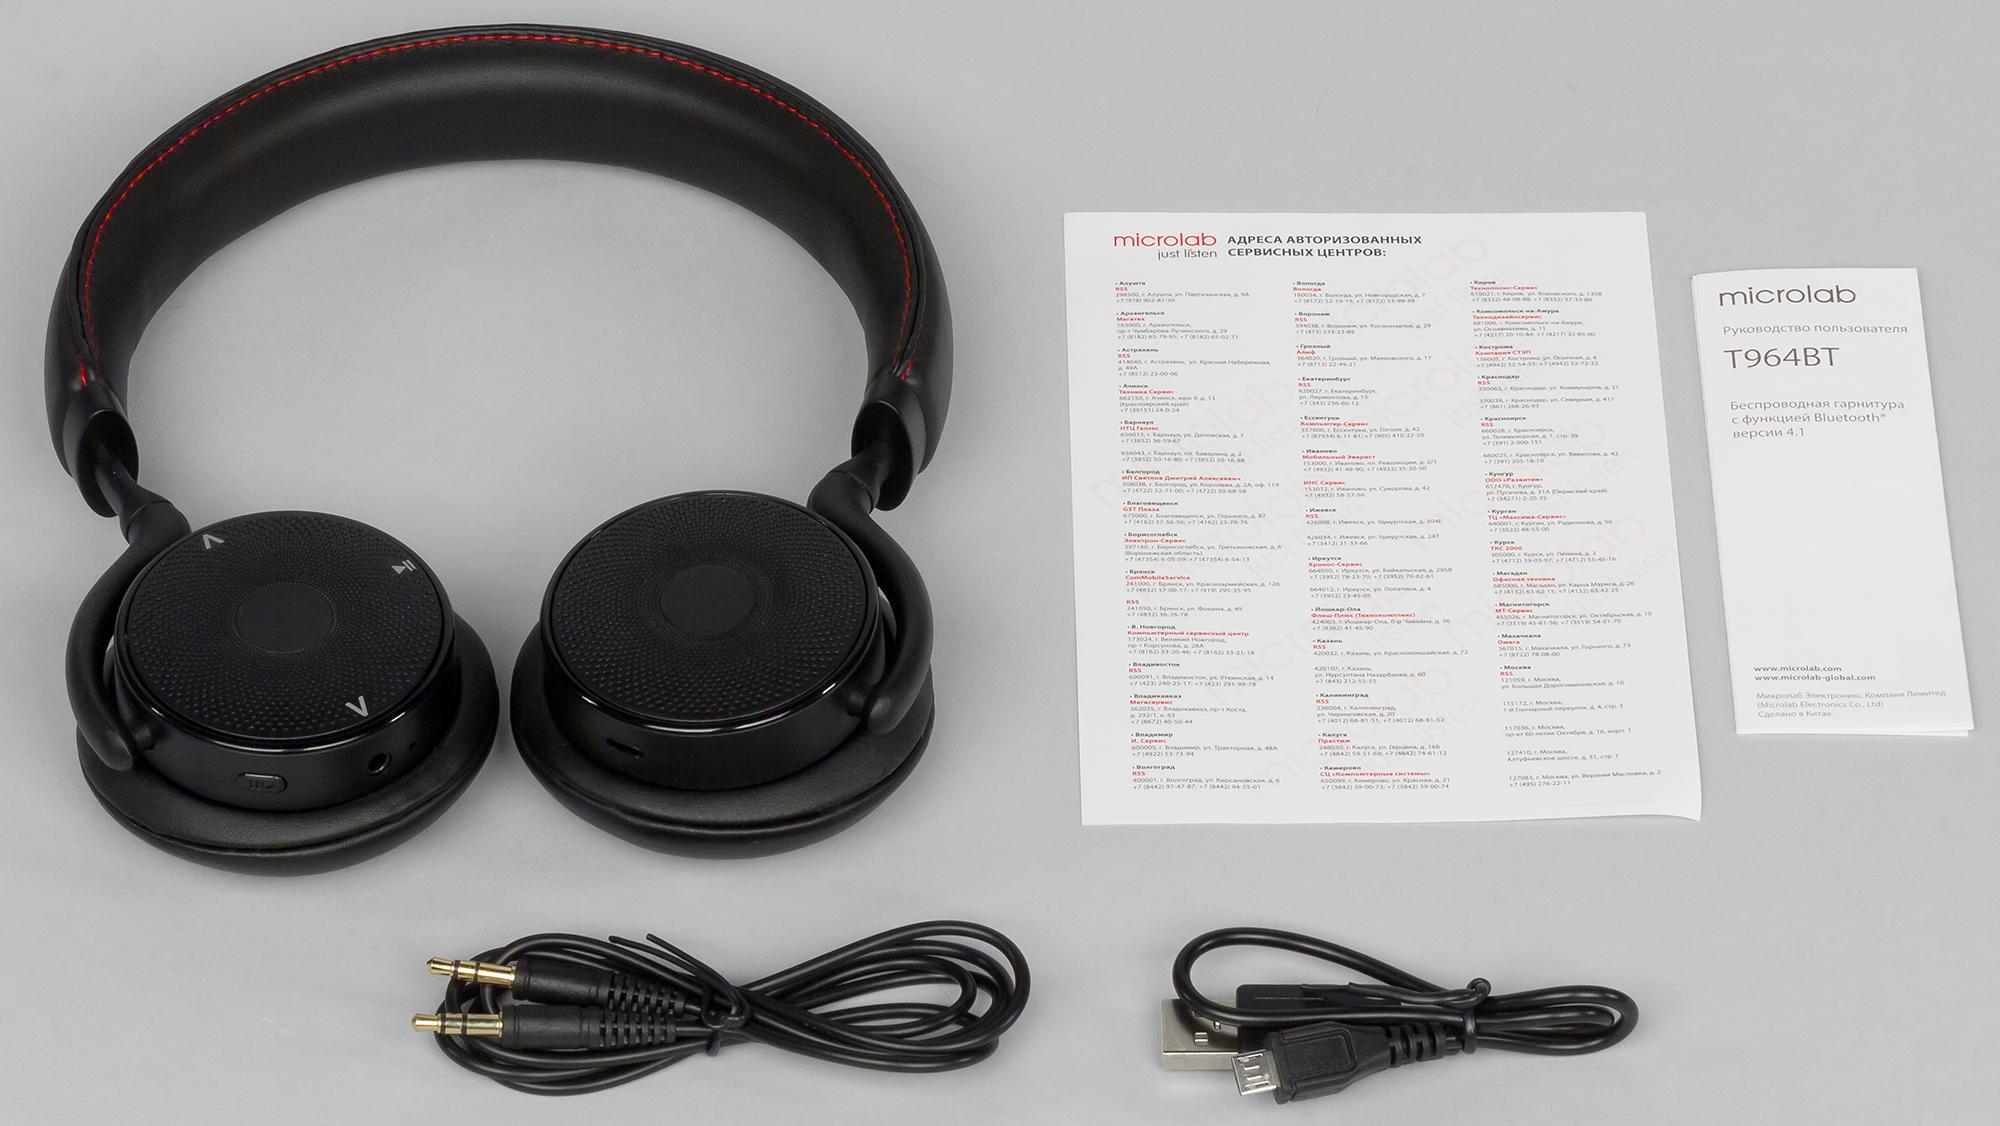 обзор беспроводных наушников с микрофоном Bluetooth гарнитуры